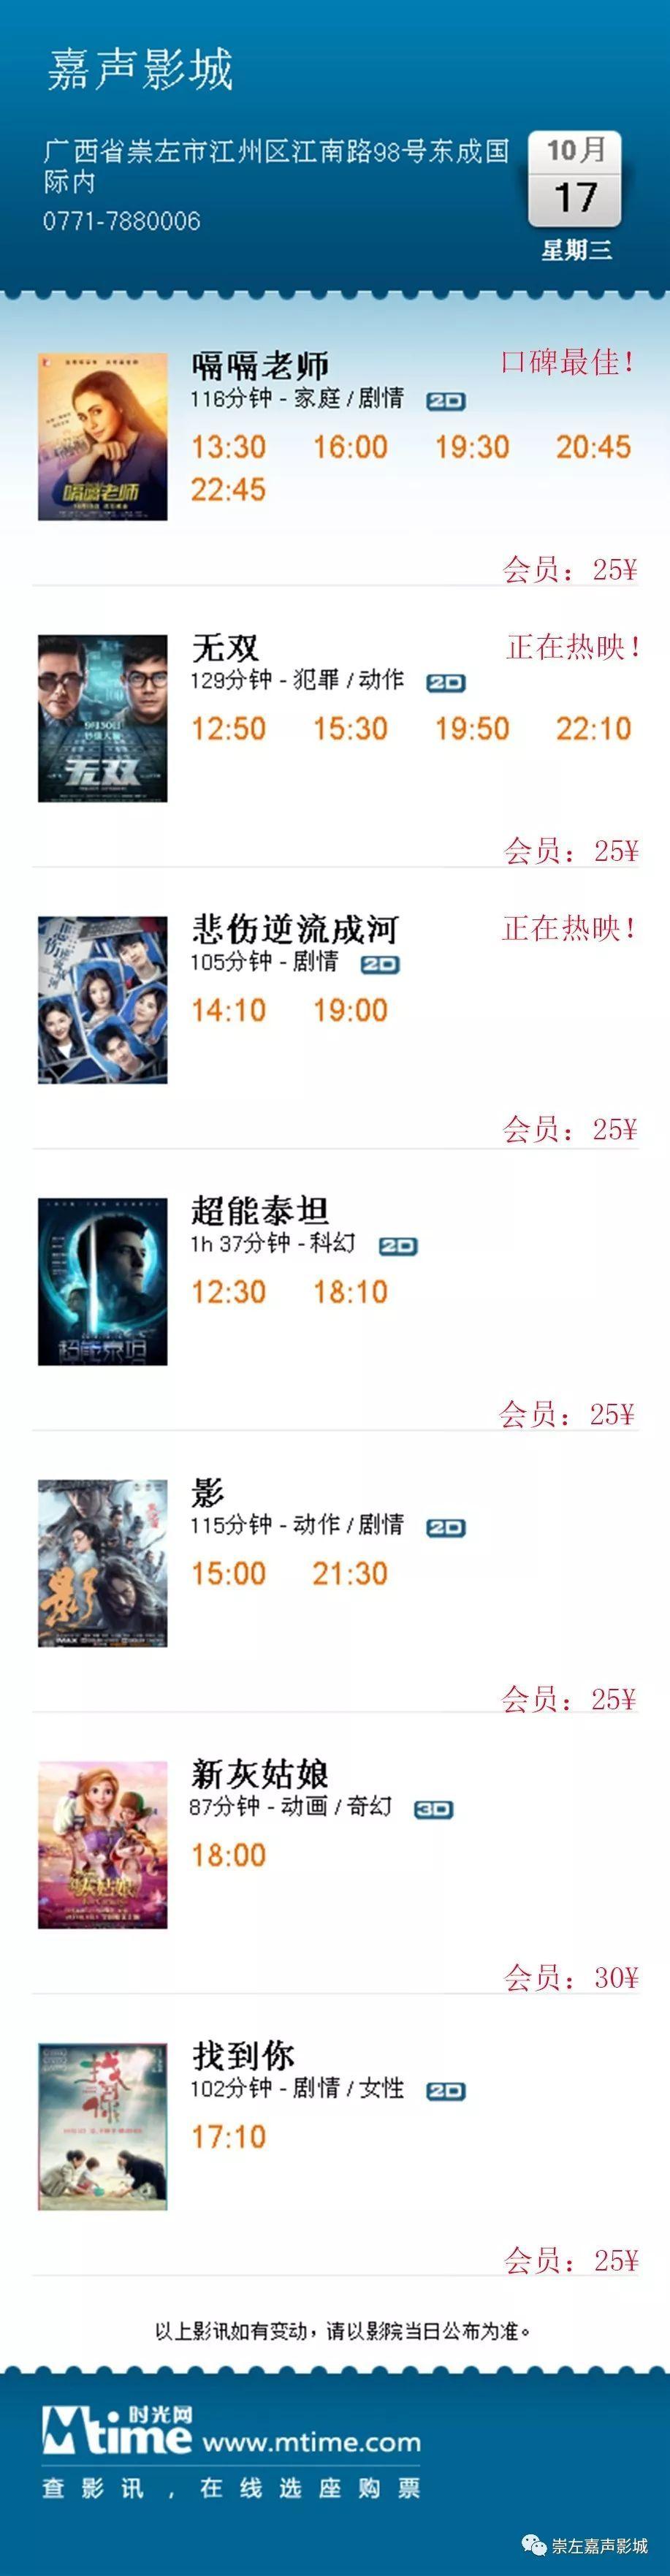 【明日影讯】10月17日 电影排期